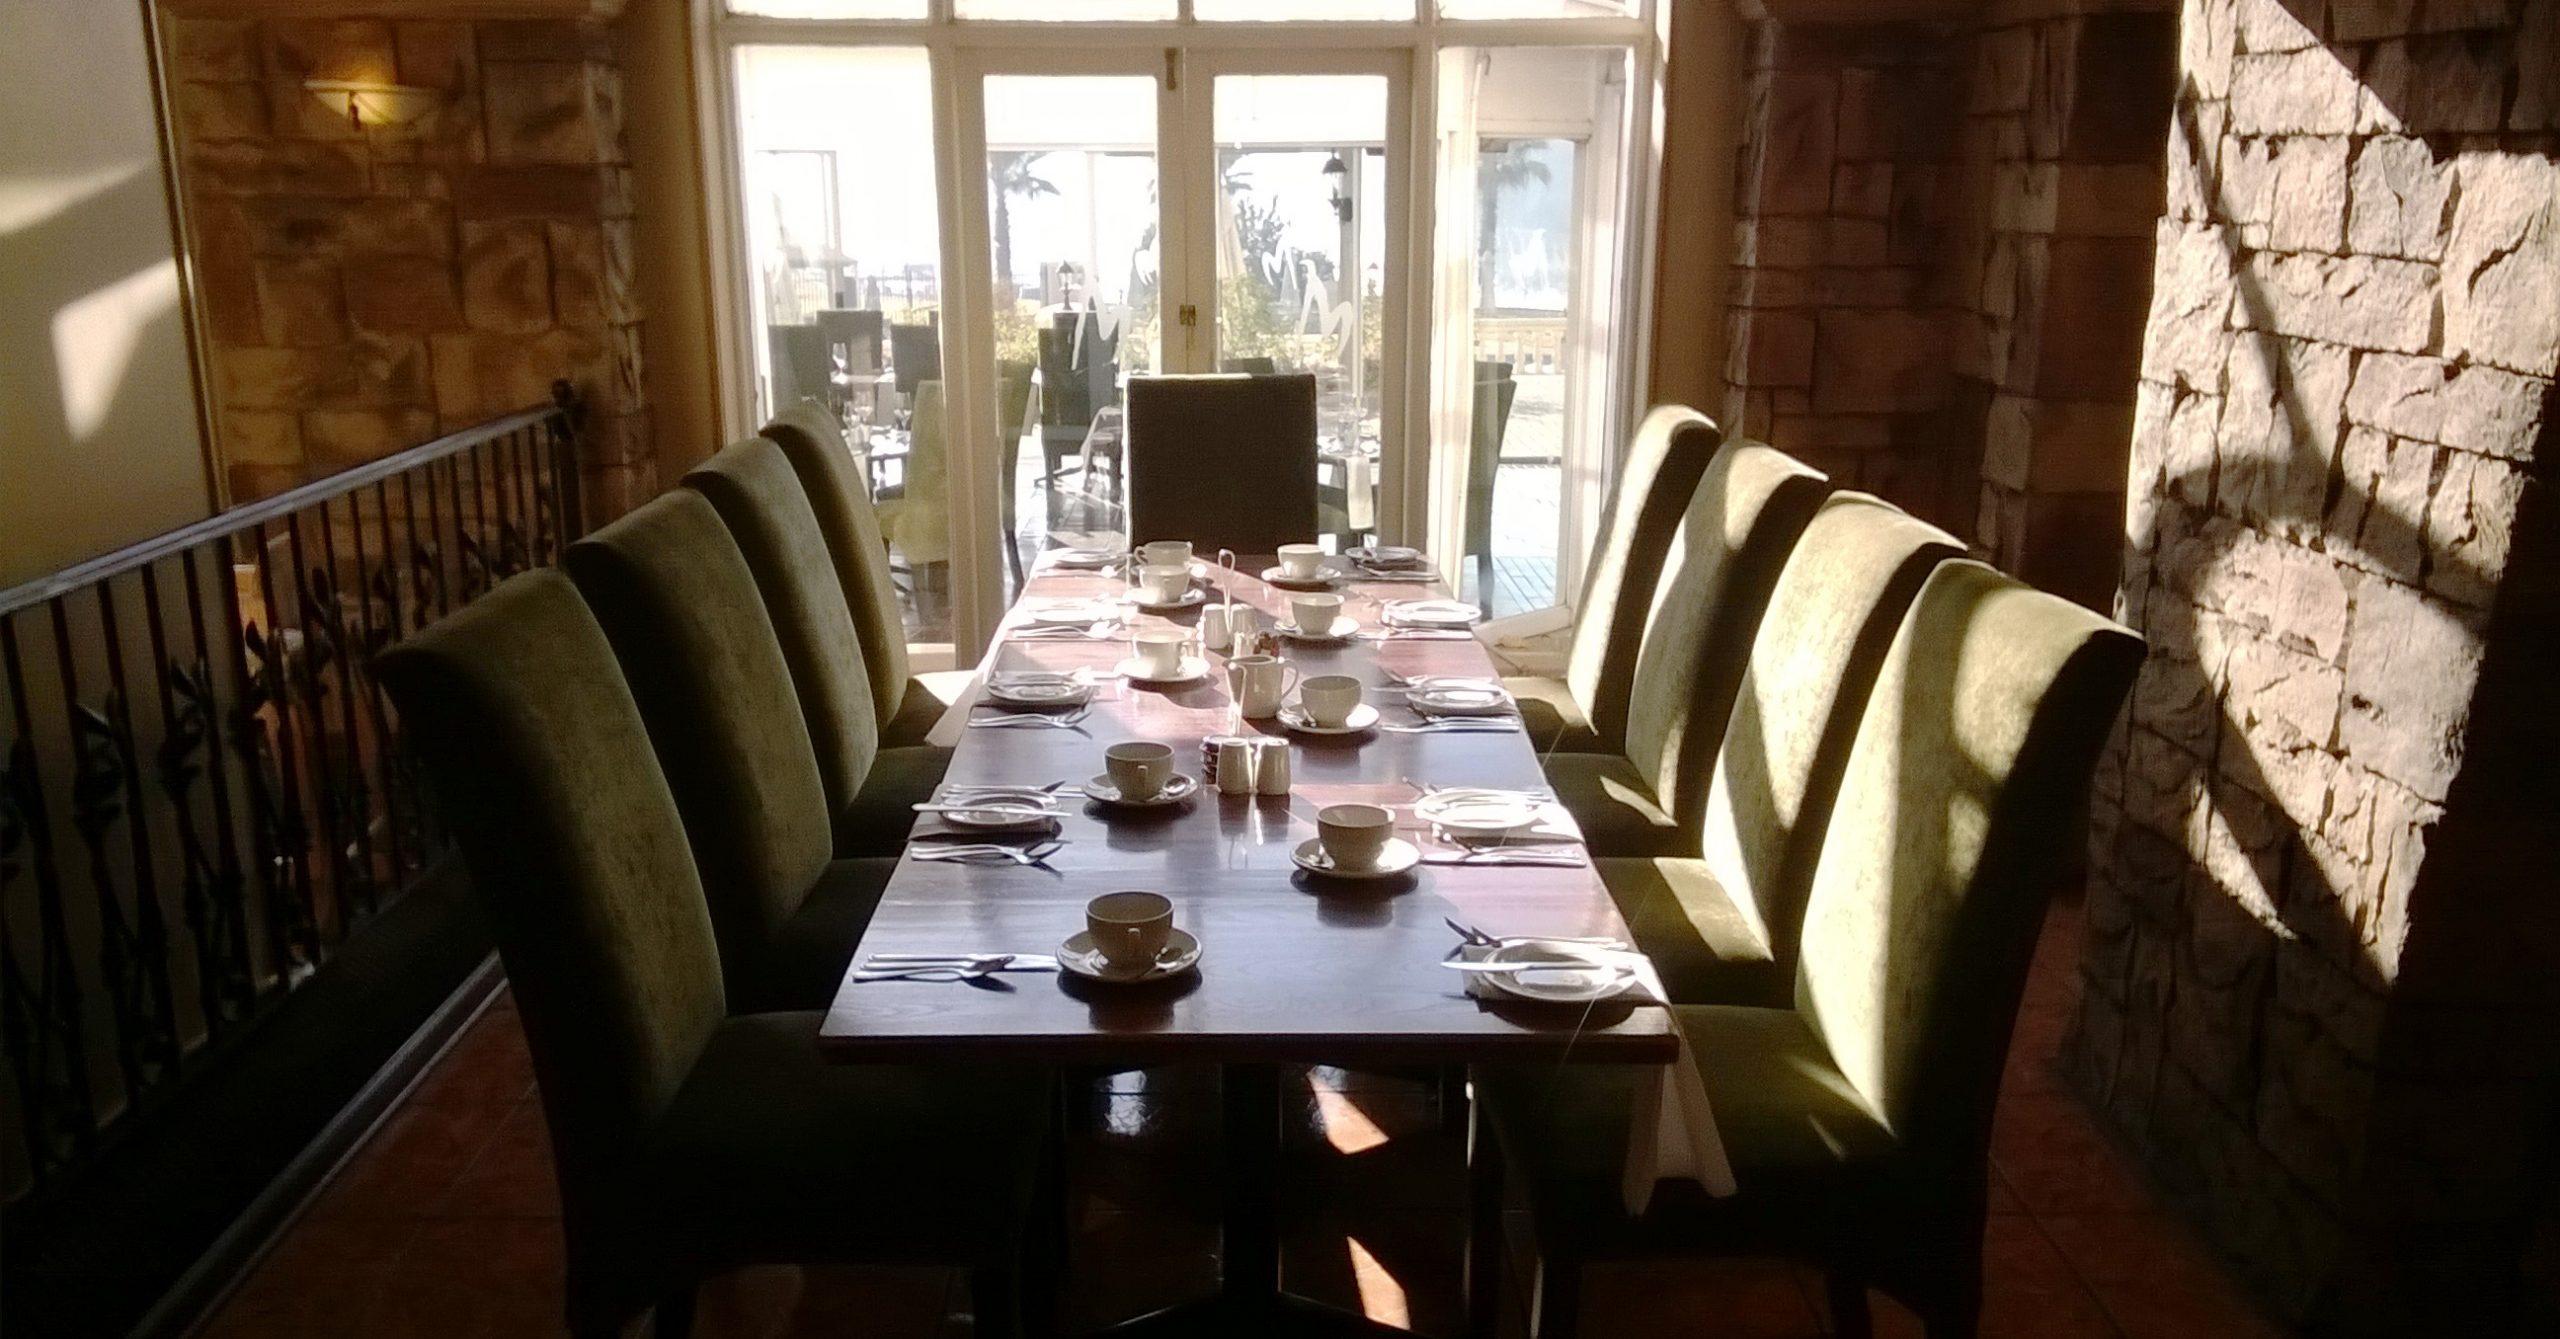 Bon Hotel Riviera on Vaal - breakfast table